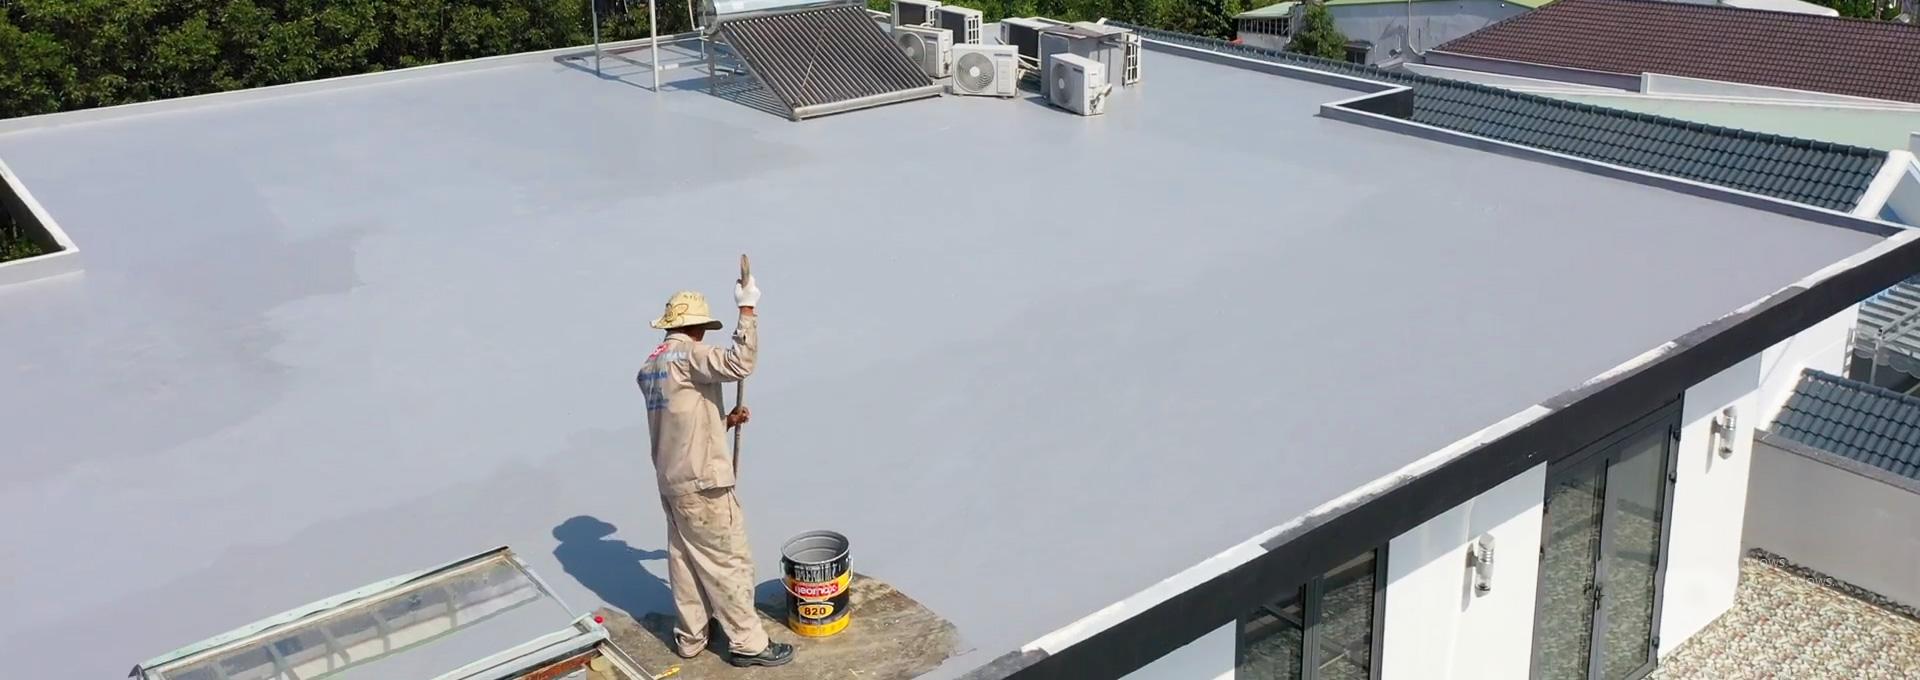 Sản phẩm chống thấm sàn mái với neomax 820